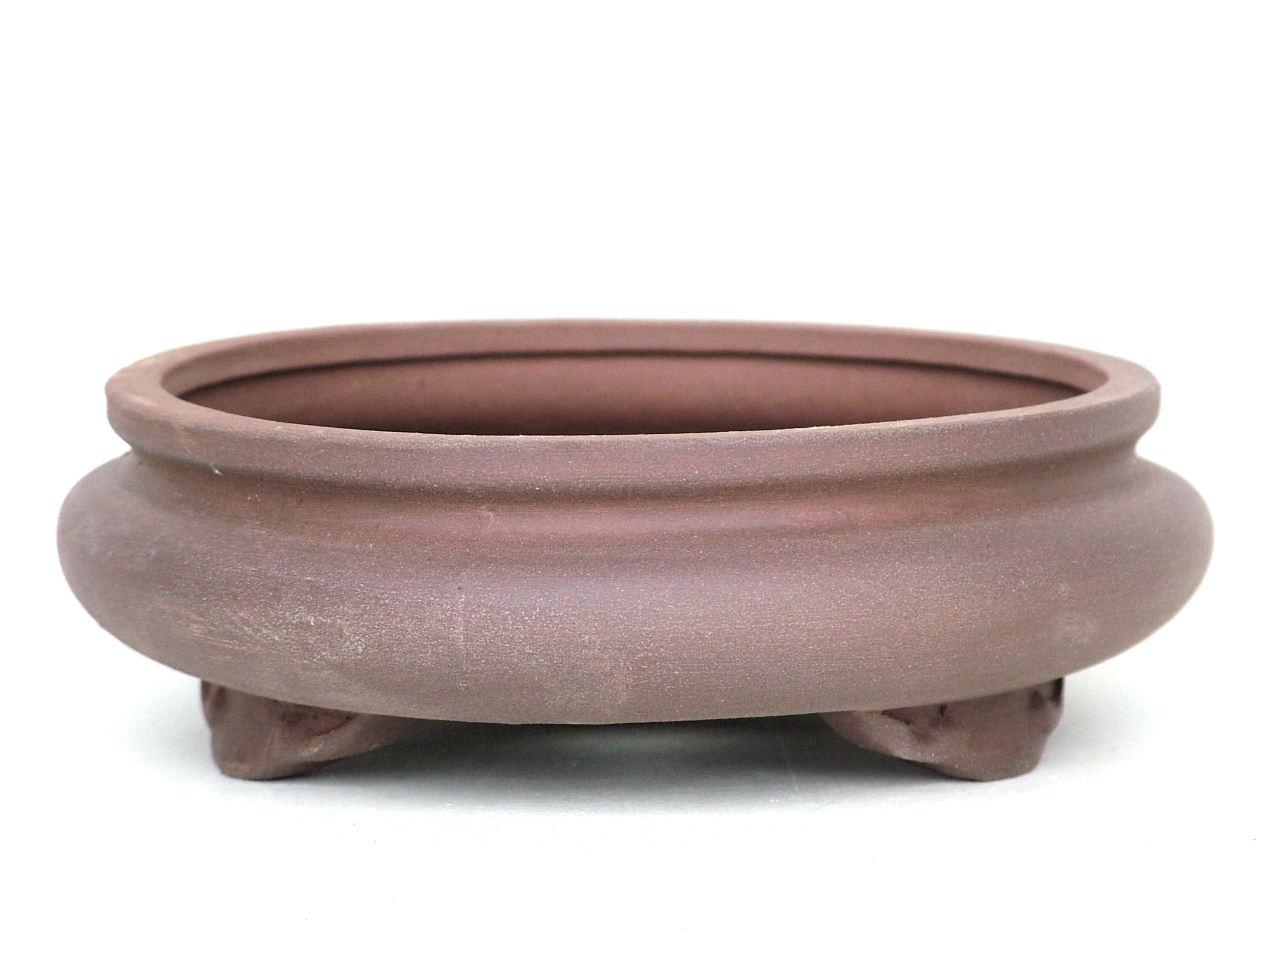 Bonsai-Schale 24x24x9 antik-braun